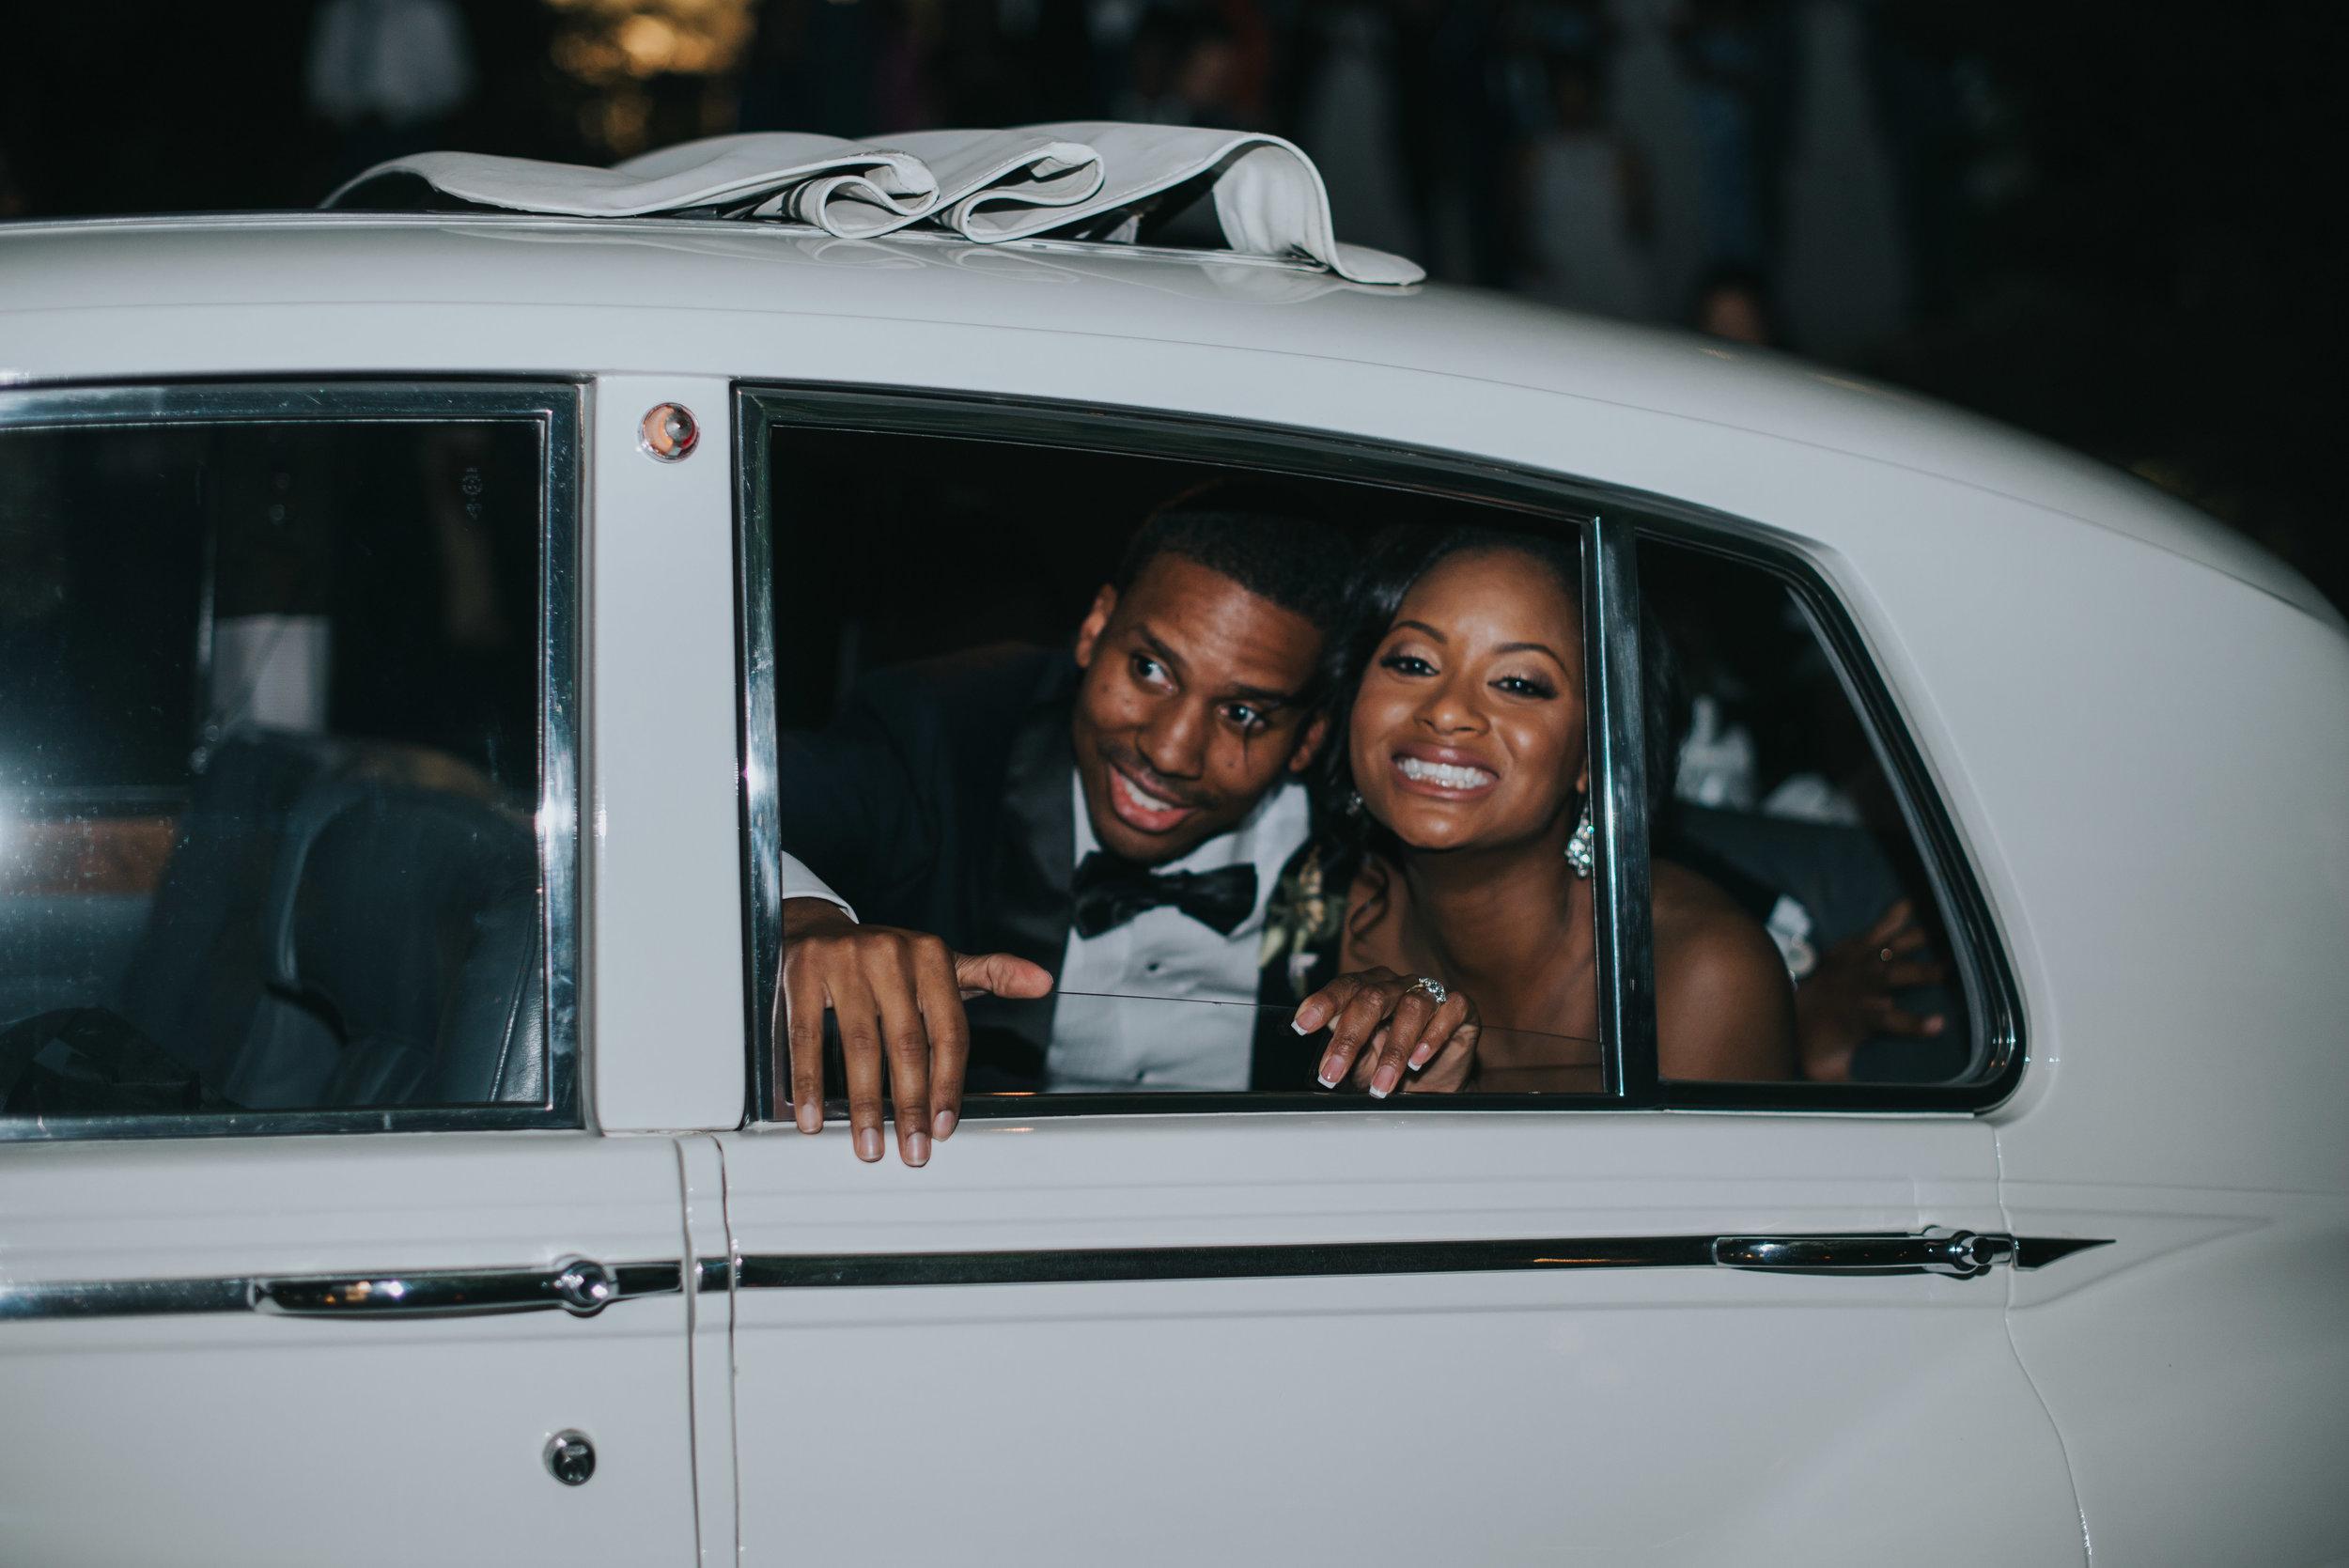 Bride and groom smiling in vintage car